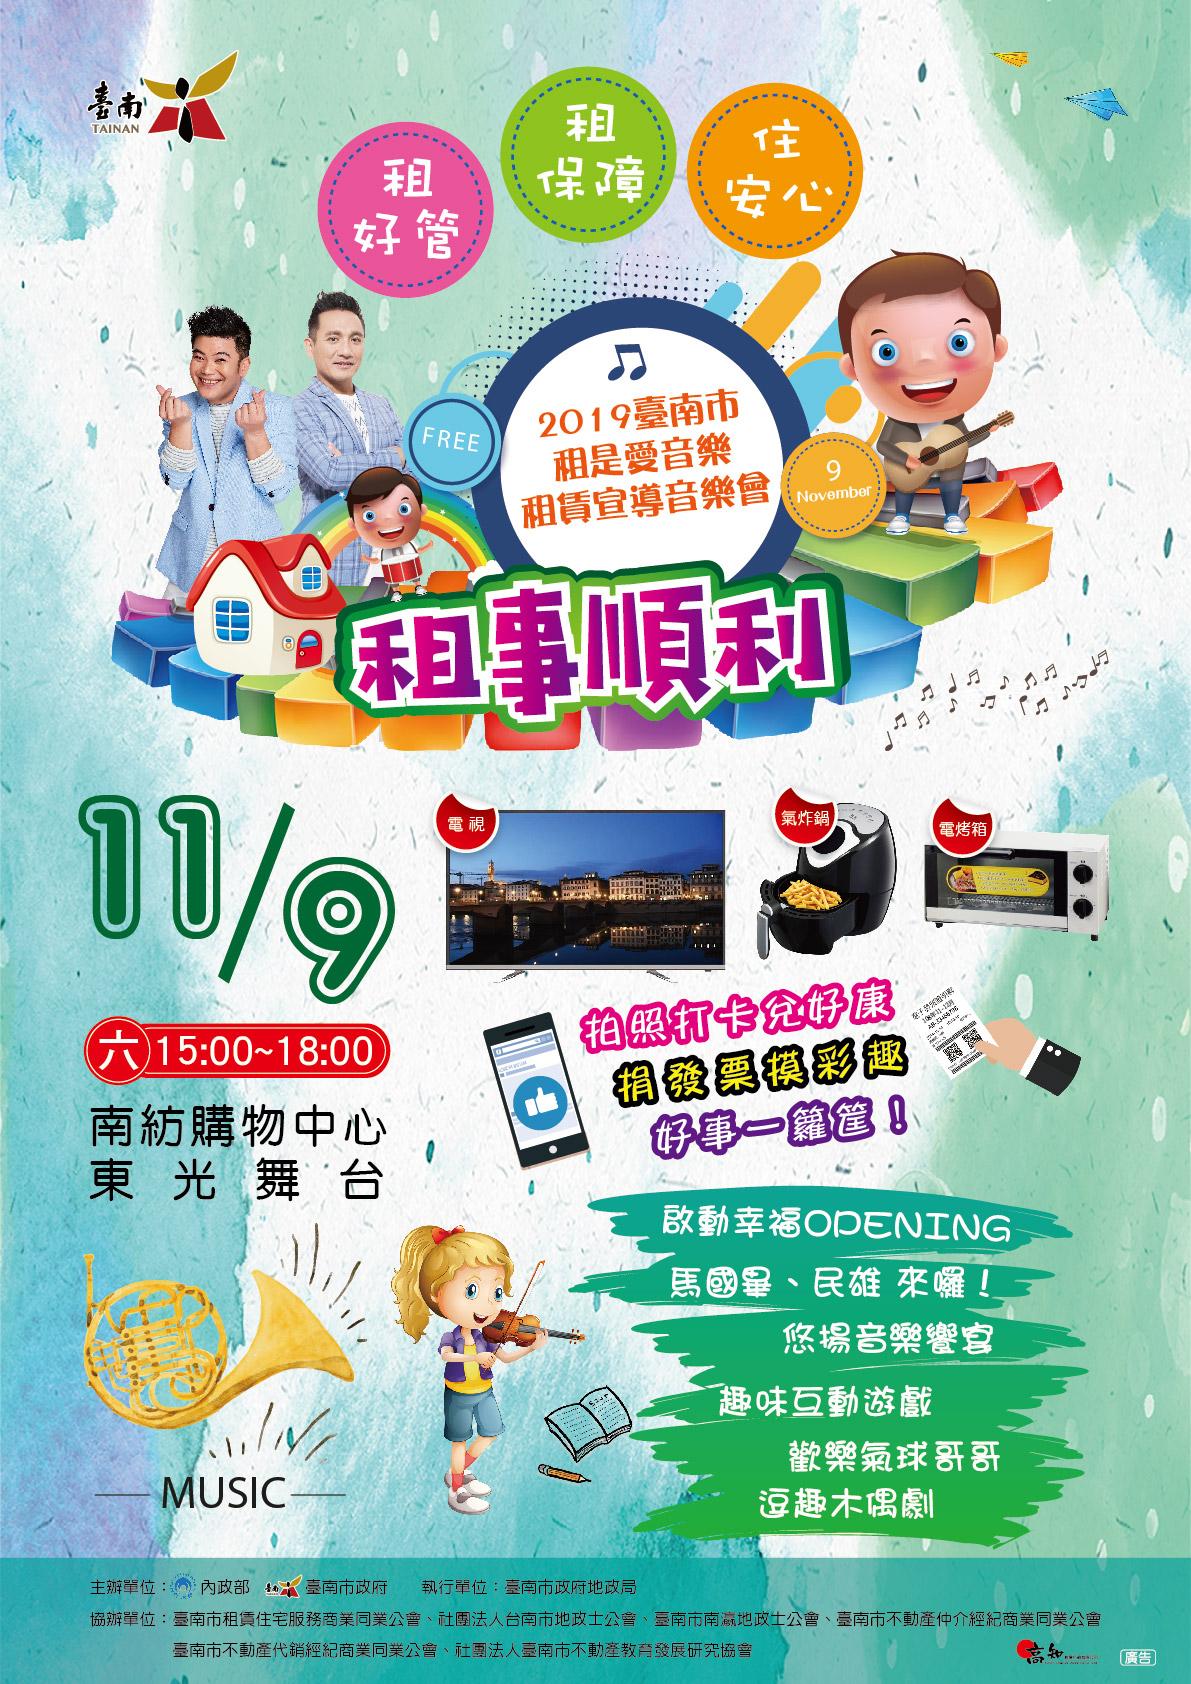 協助宣導「2019臺南市租是愛音樂」  0